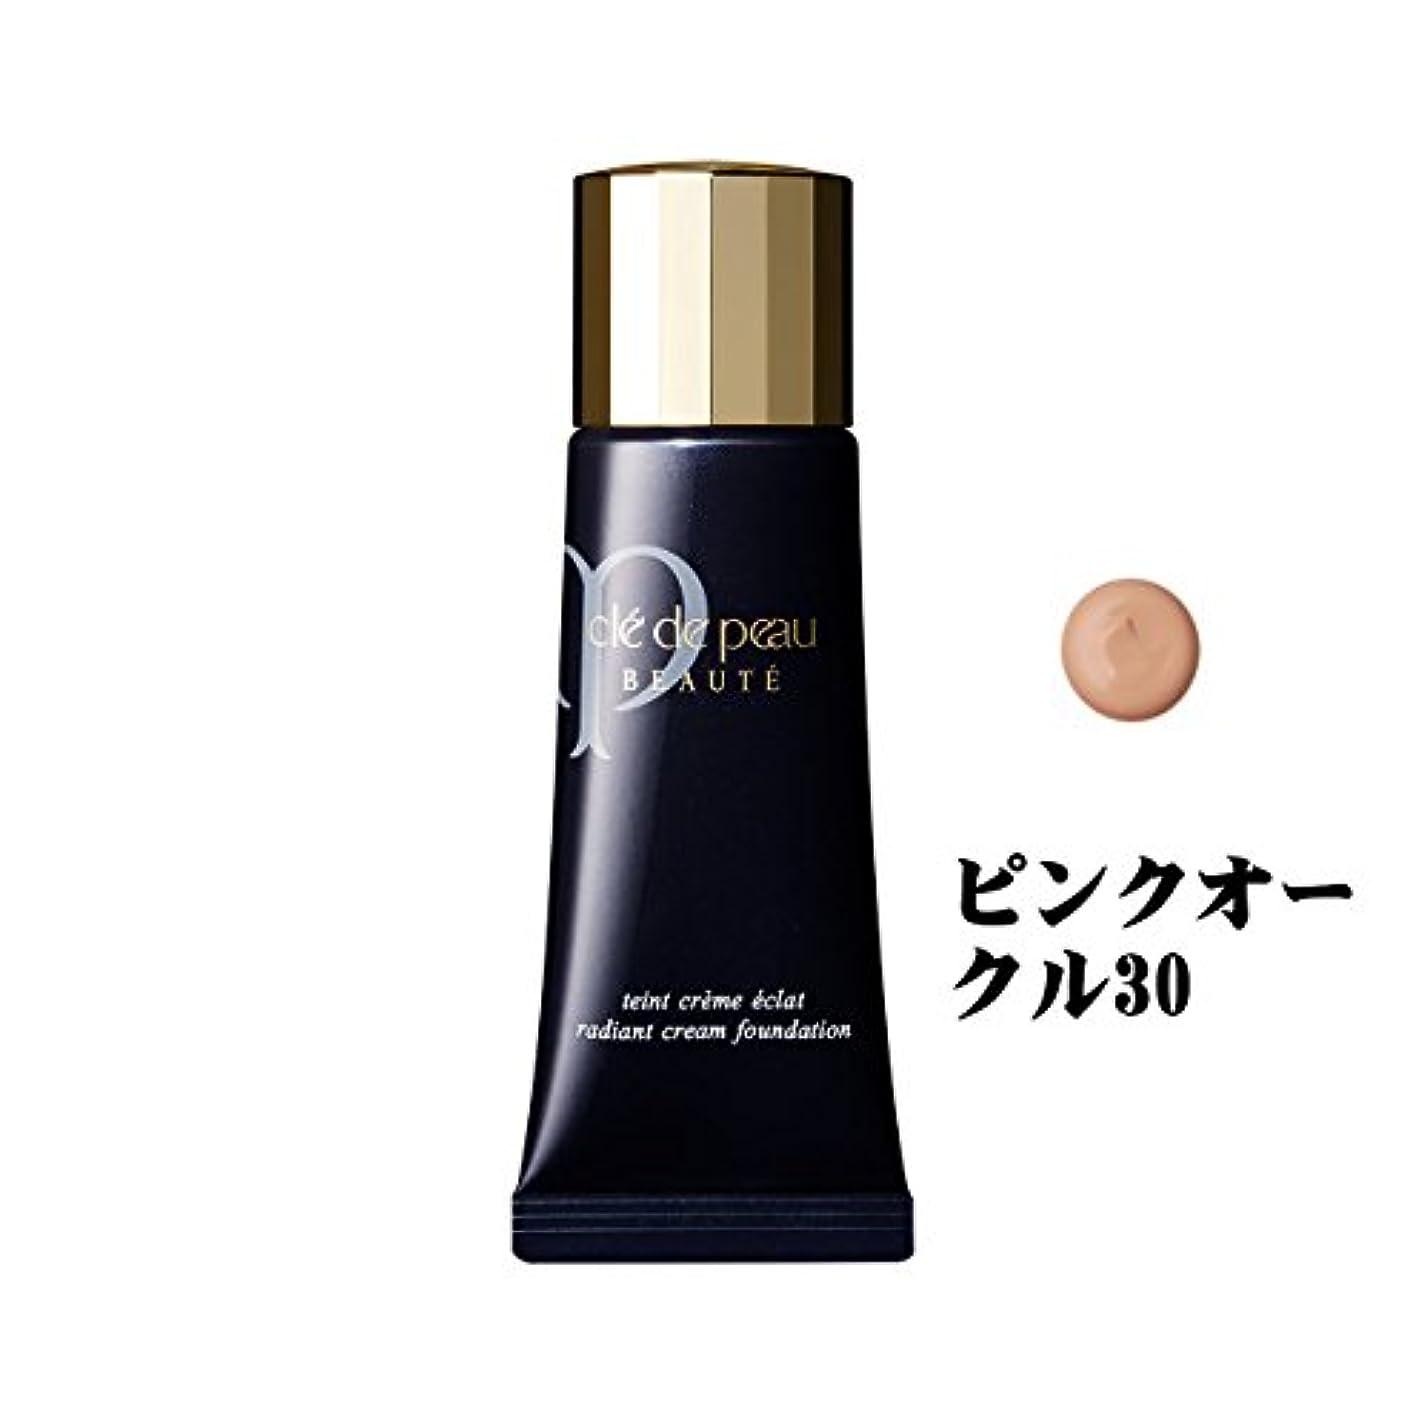 日没郵便番号個人的な資生堂/shiseido クレドポーボーテ/CPB タンクレームエクラ クリームタイプ SPF25?PA++ ピンクオークル30